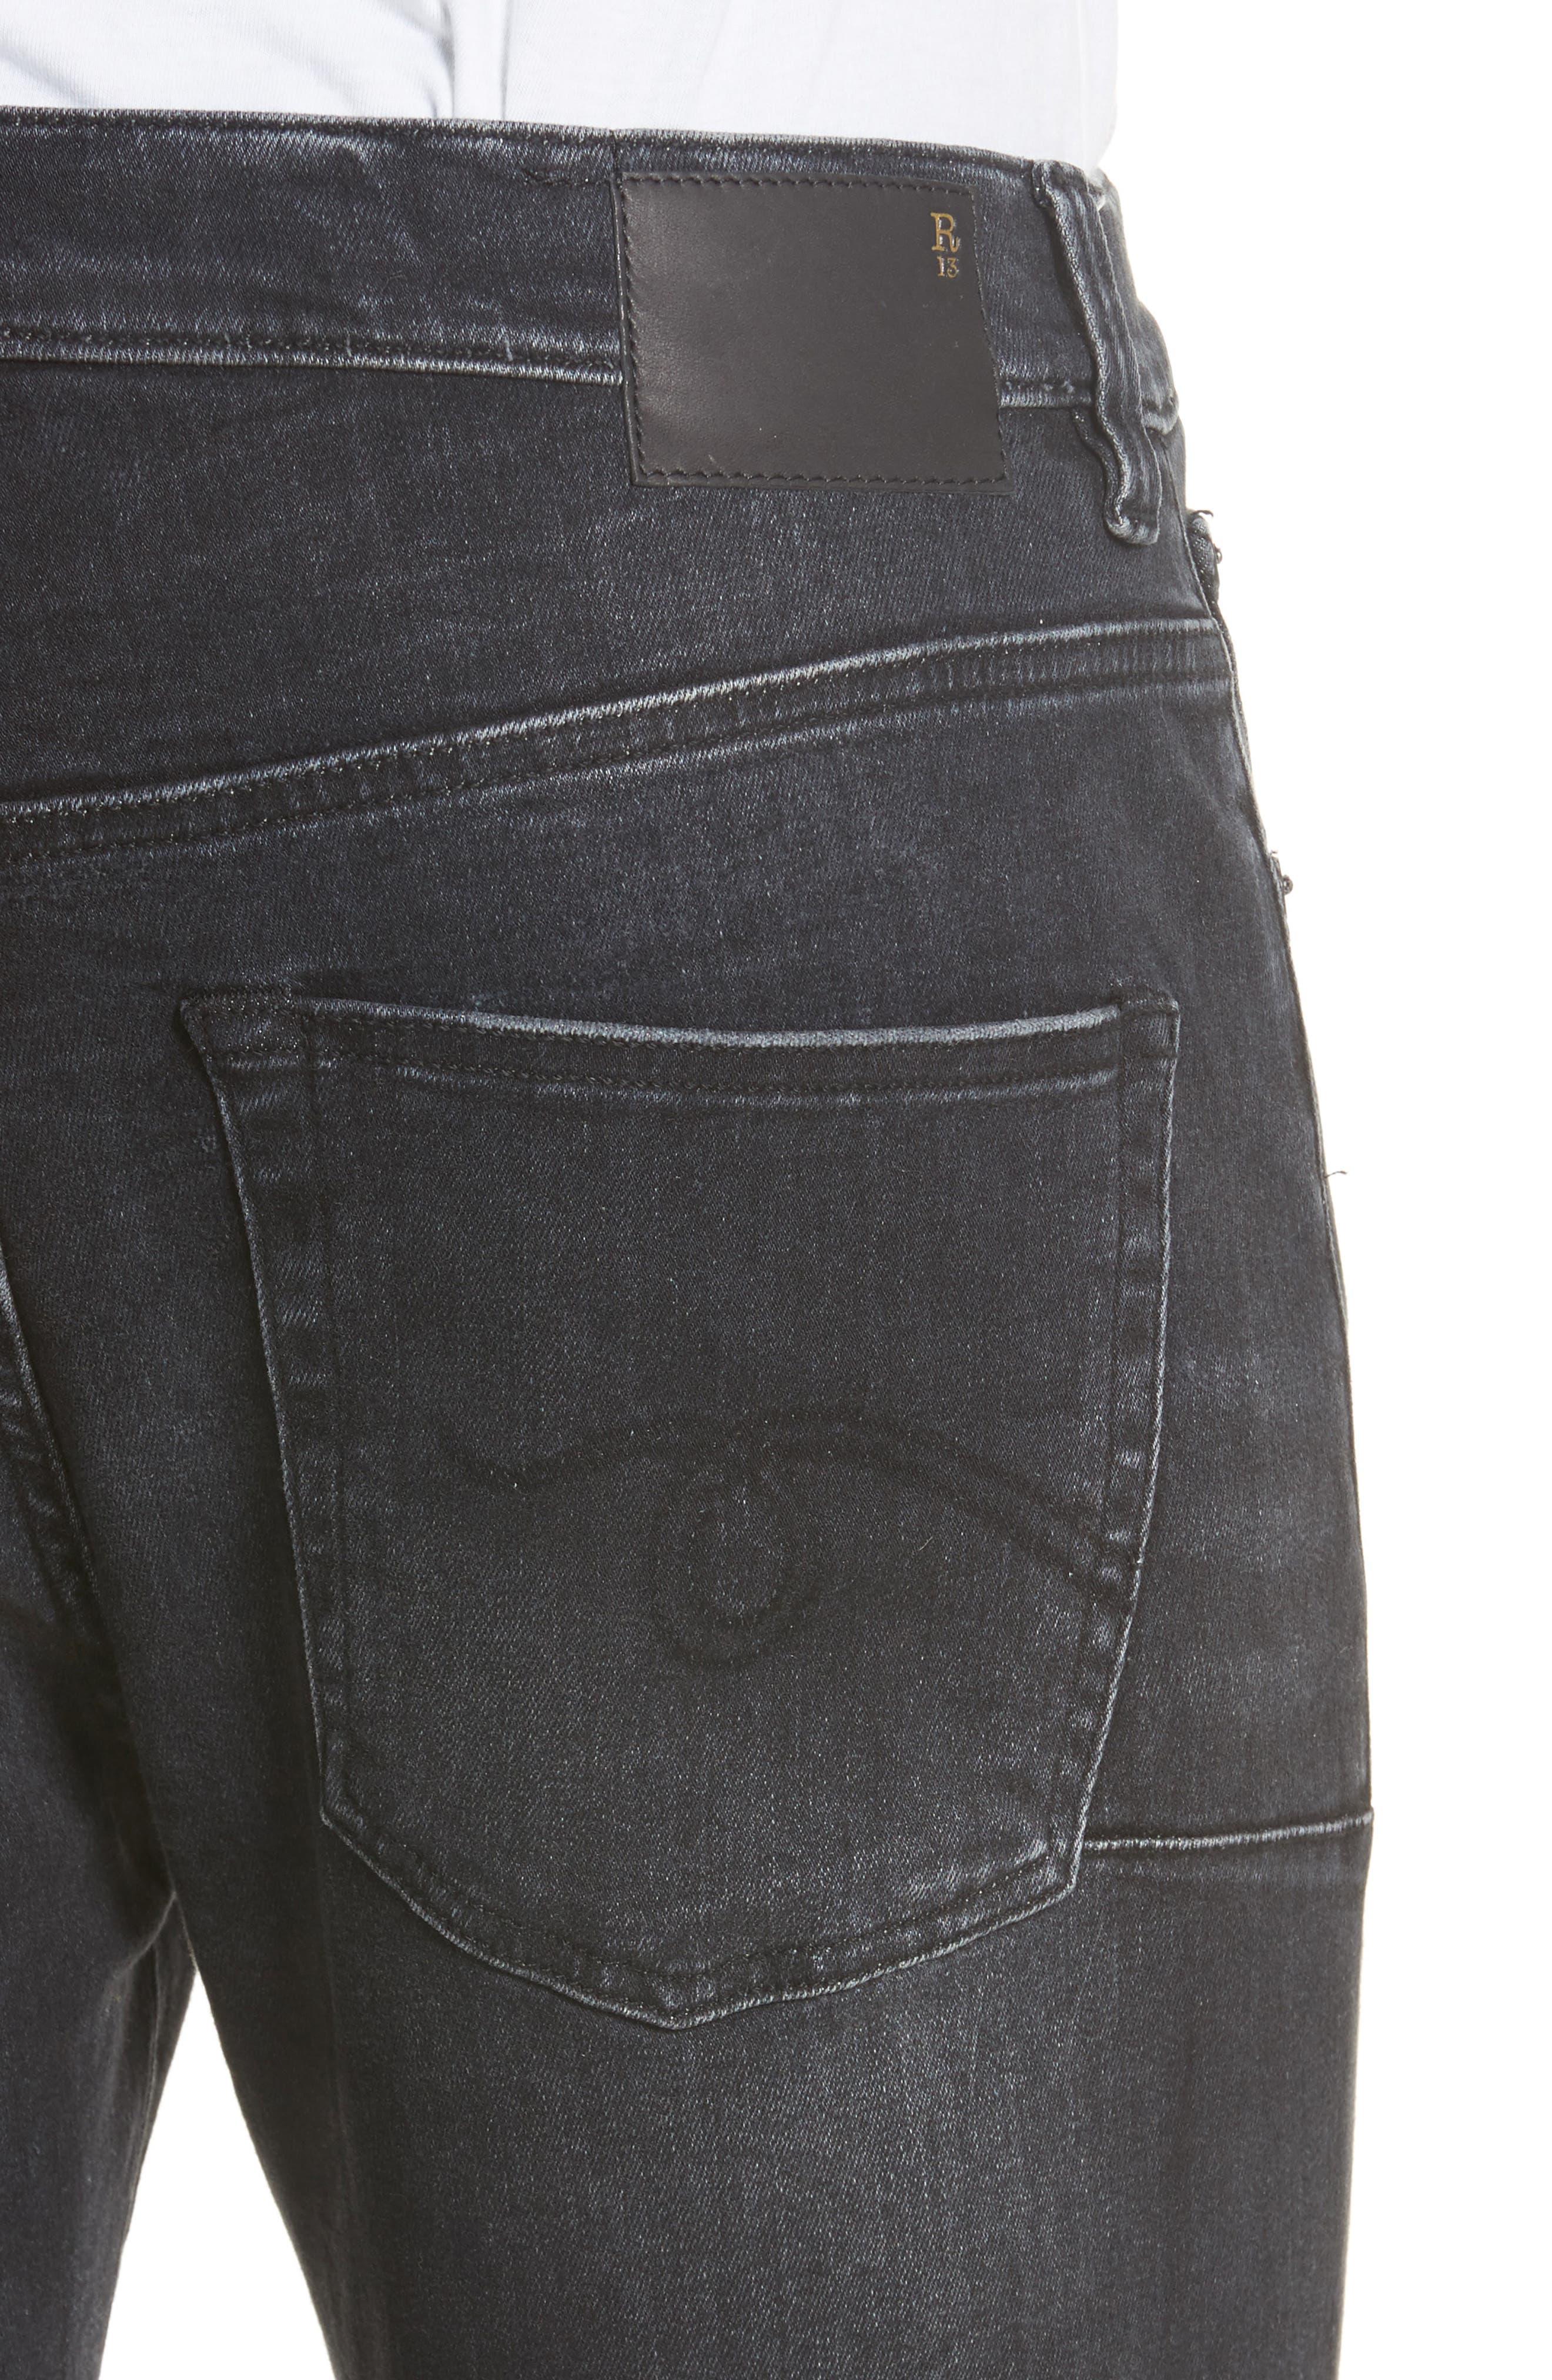 Skate Jeans,                             Alternate thumbnail 4, color,                             001